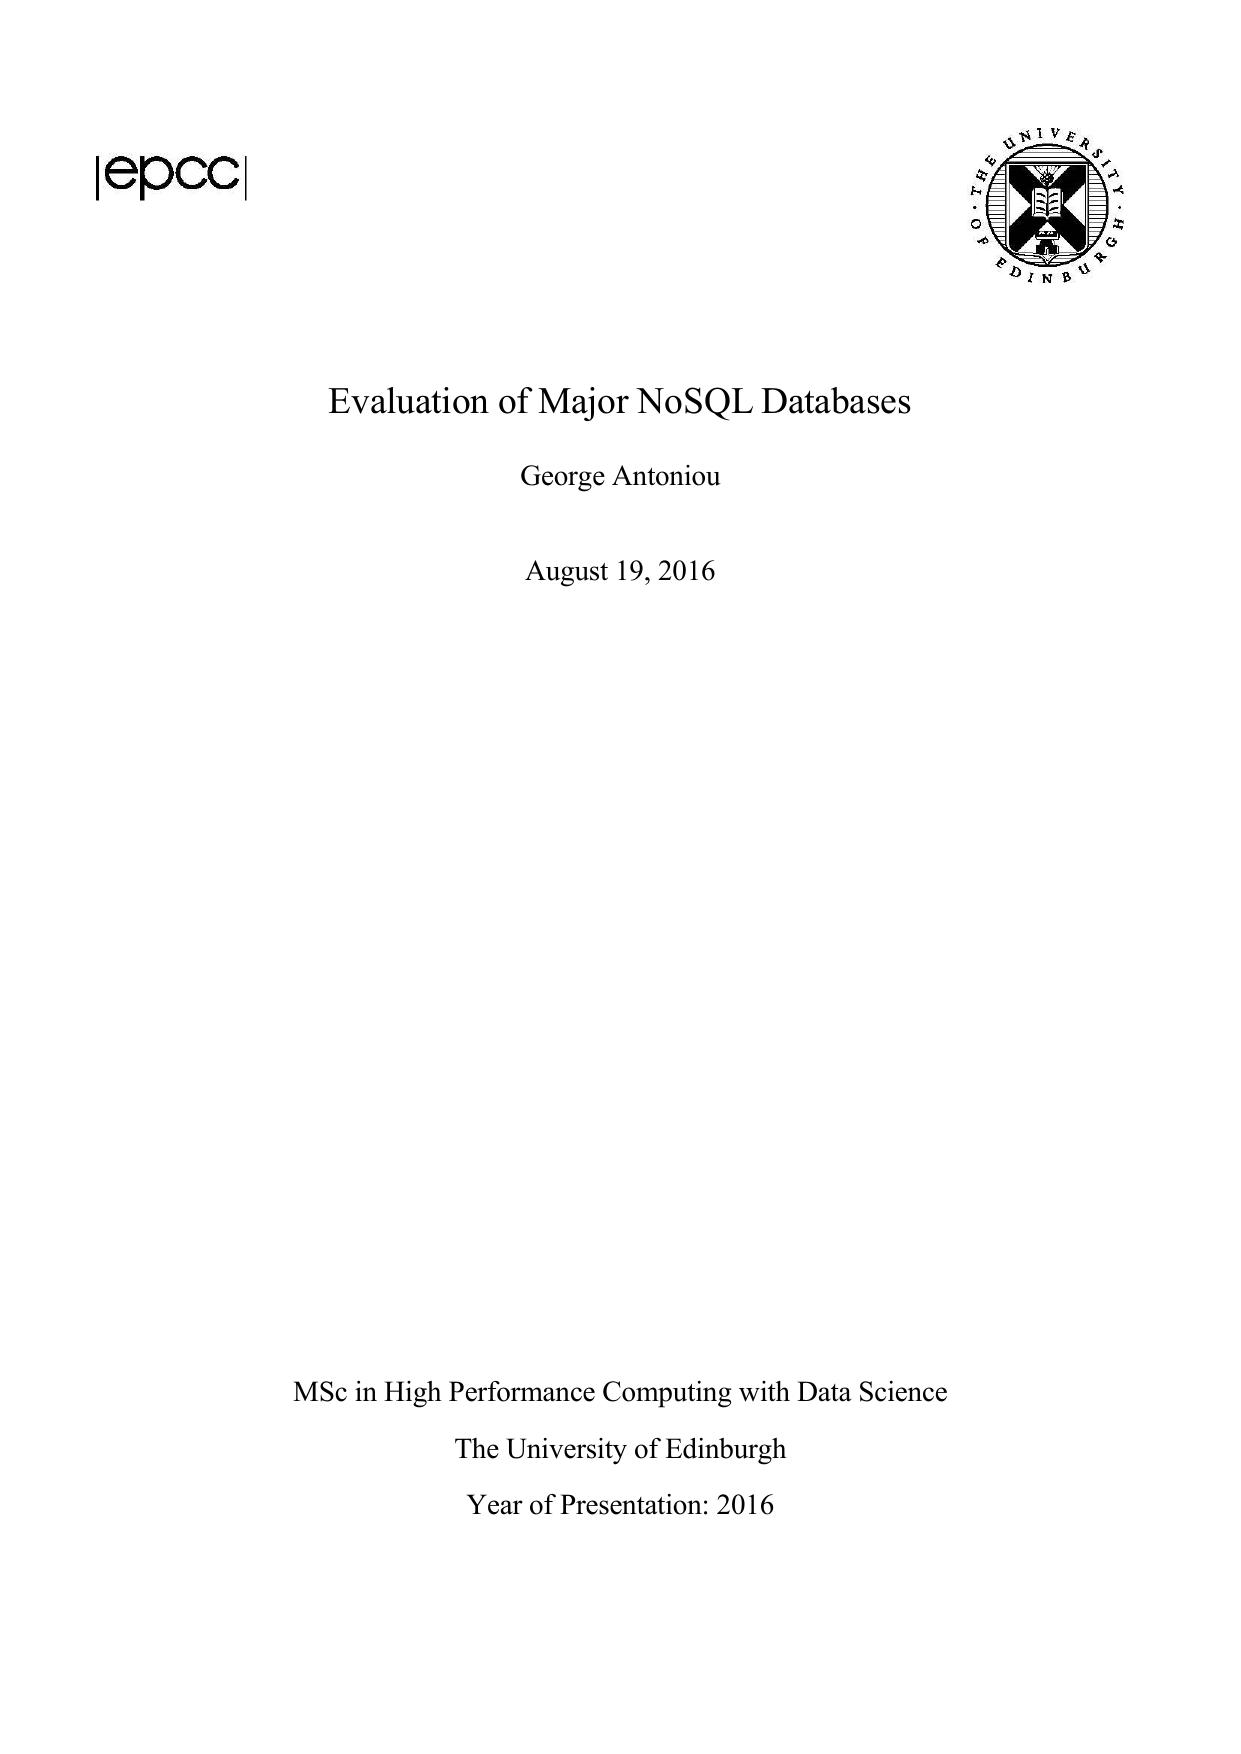 Evaluation of Major NoSQL Databases | manualzz com